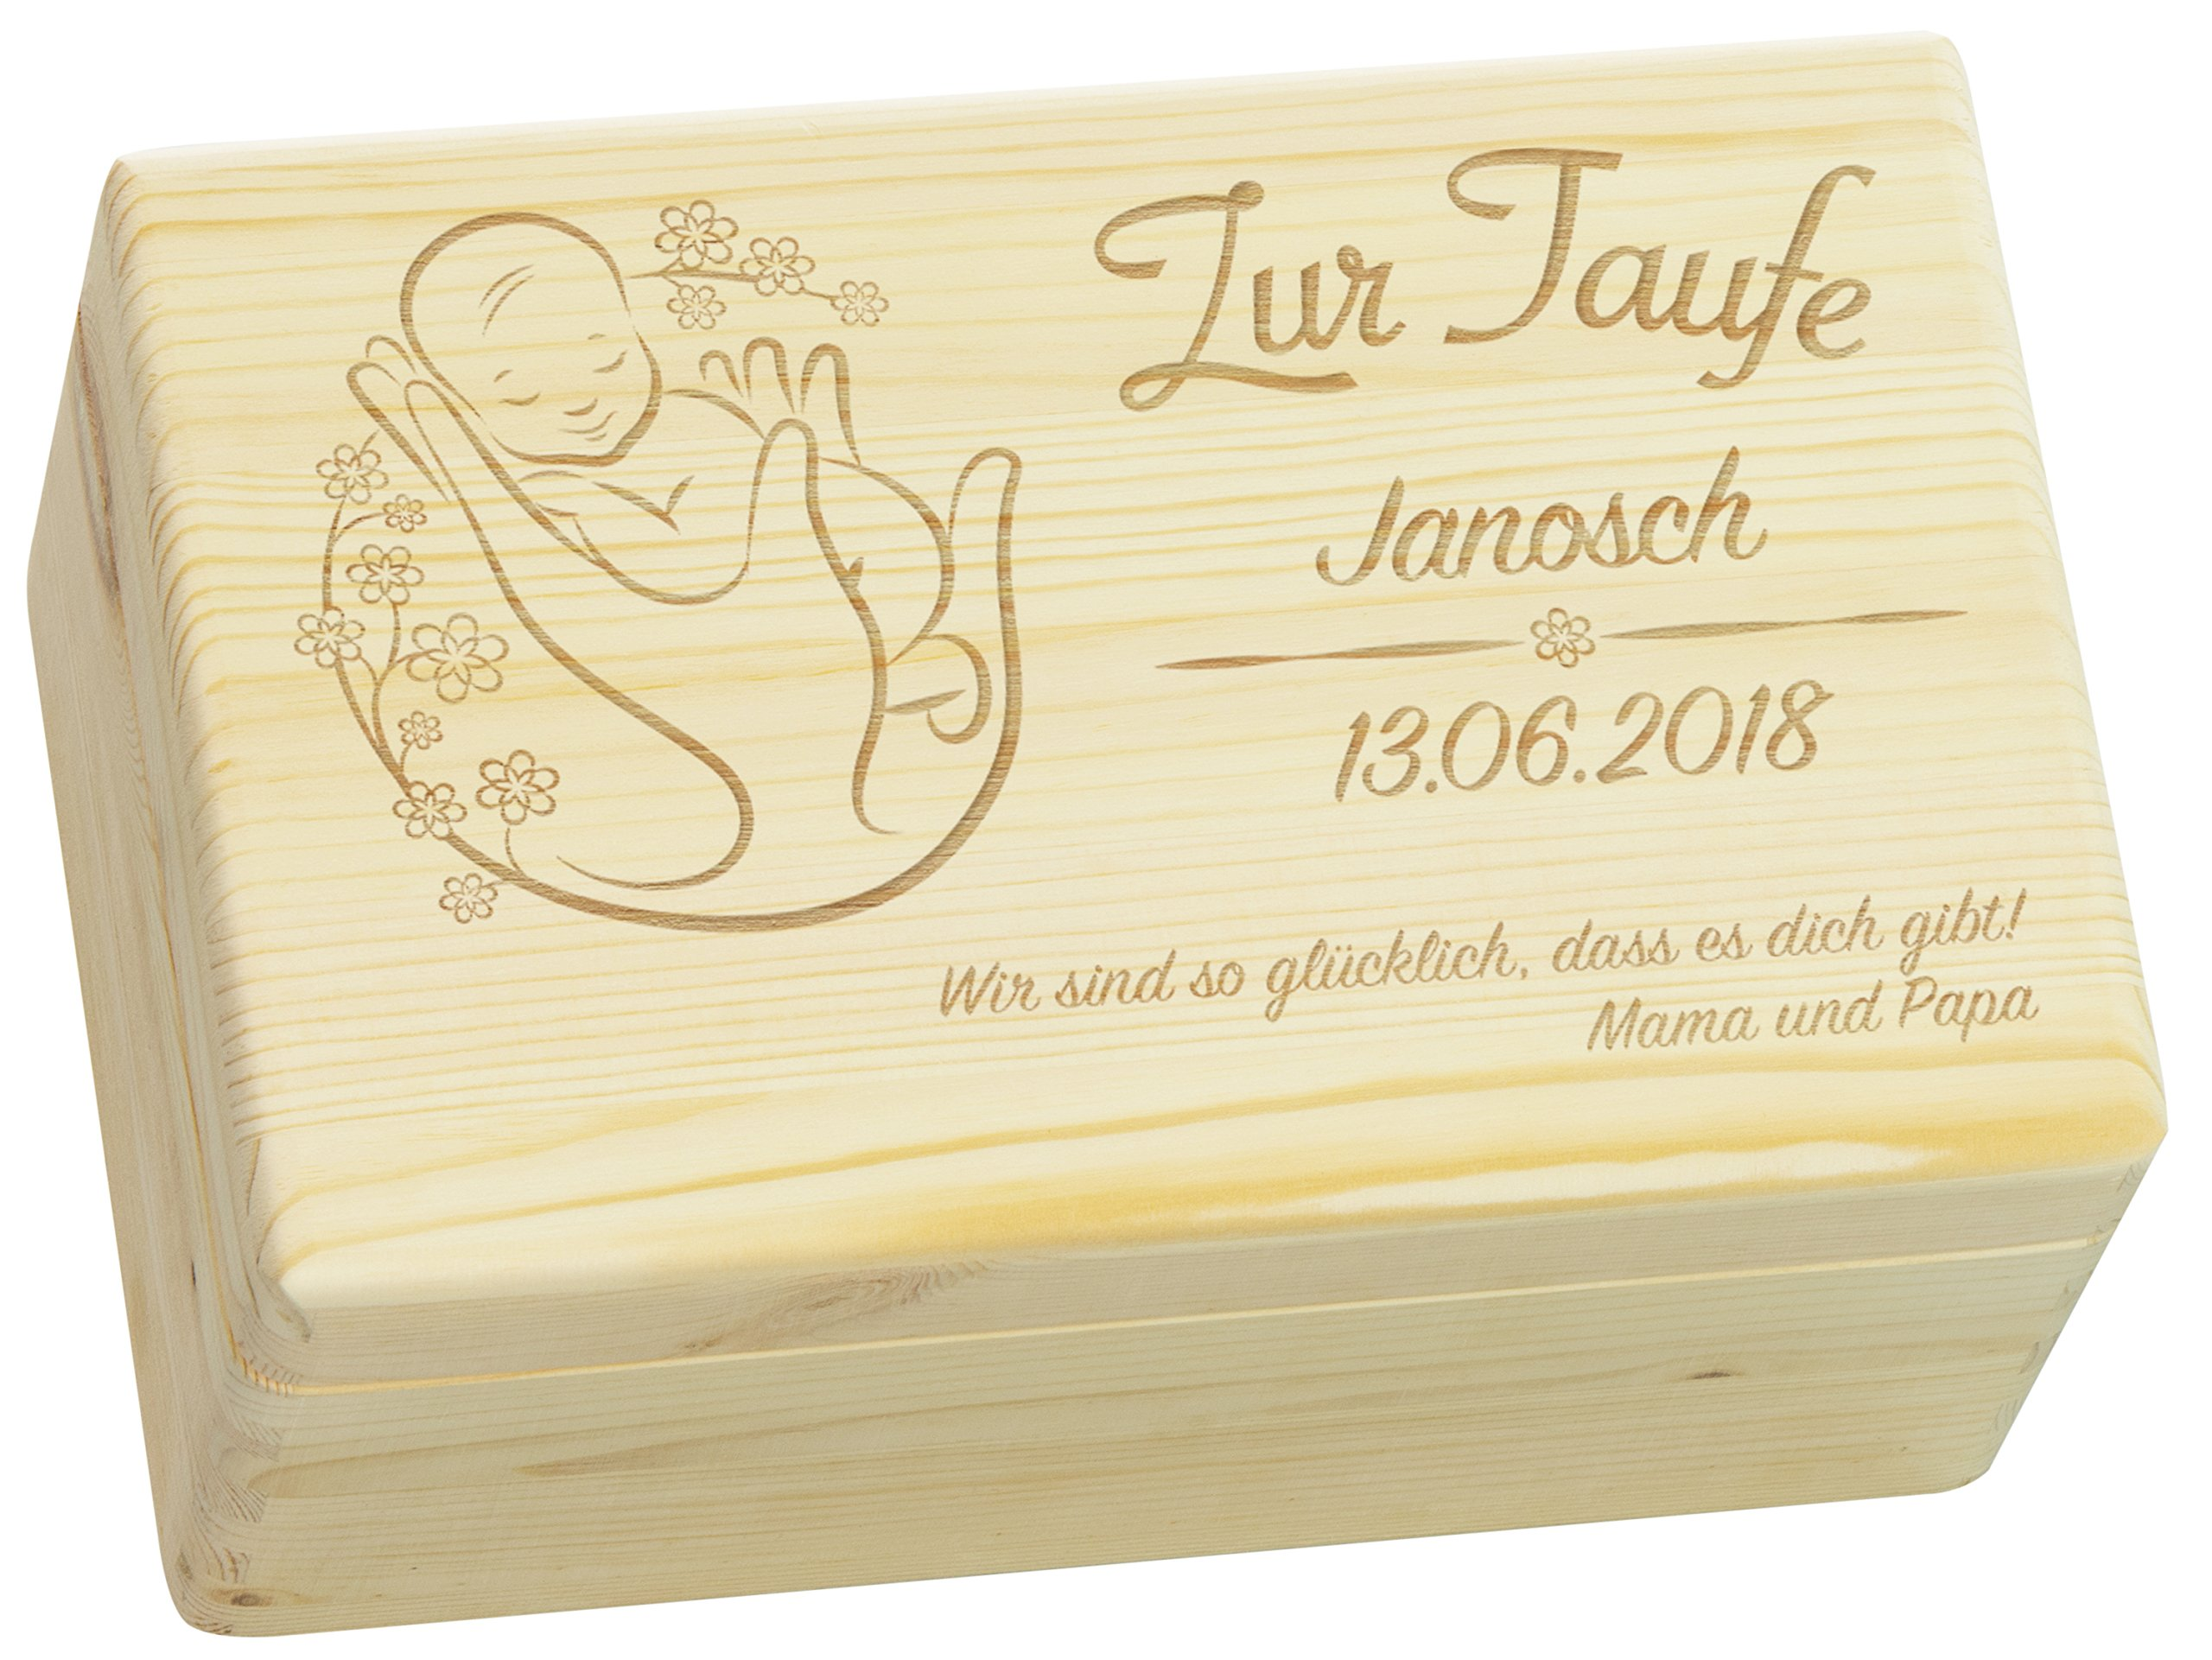 LAUBLUST Holzkiste mit Gravur - Personalisiert mit Name | Datum | WIDMUNG - Natur Größe M - Blumenbaby Motiv…